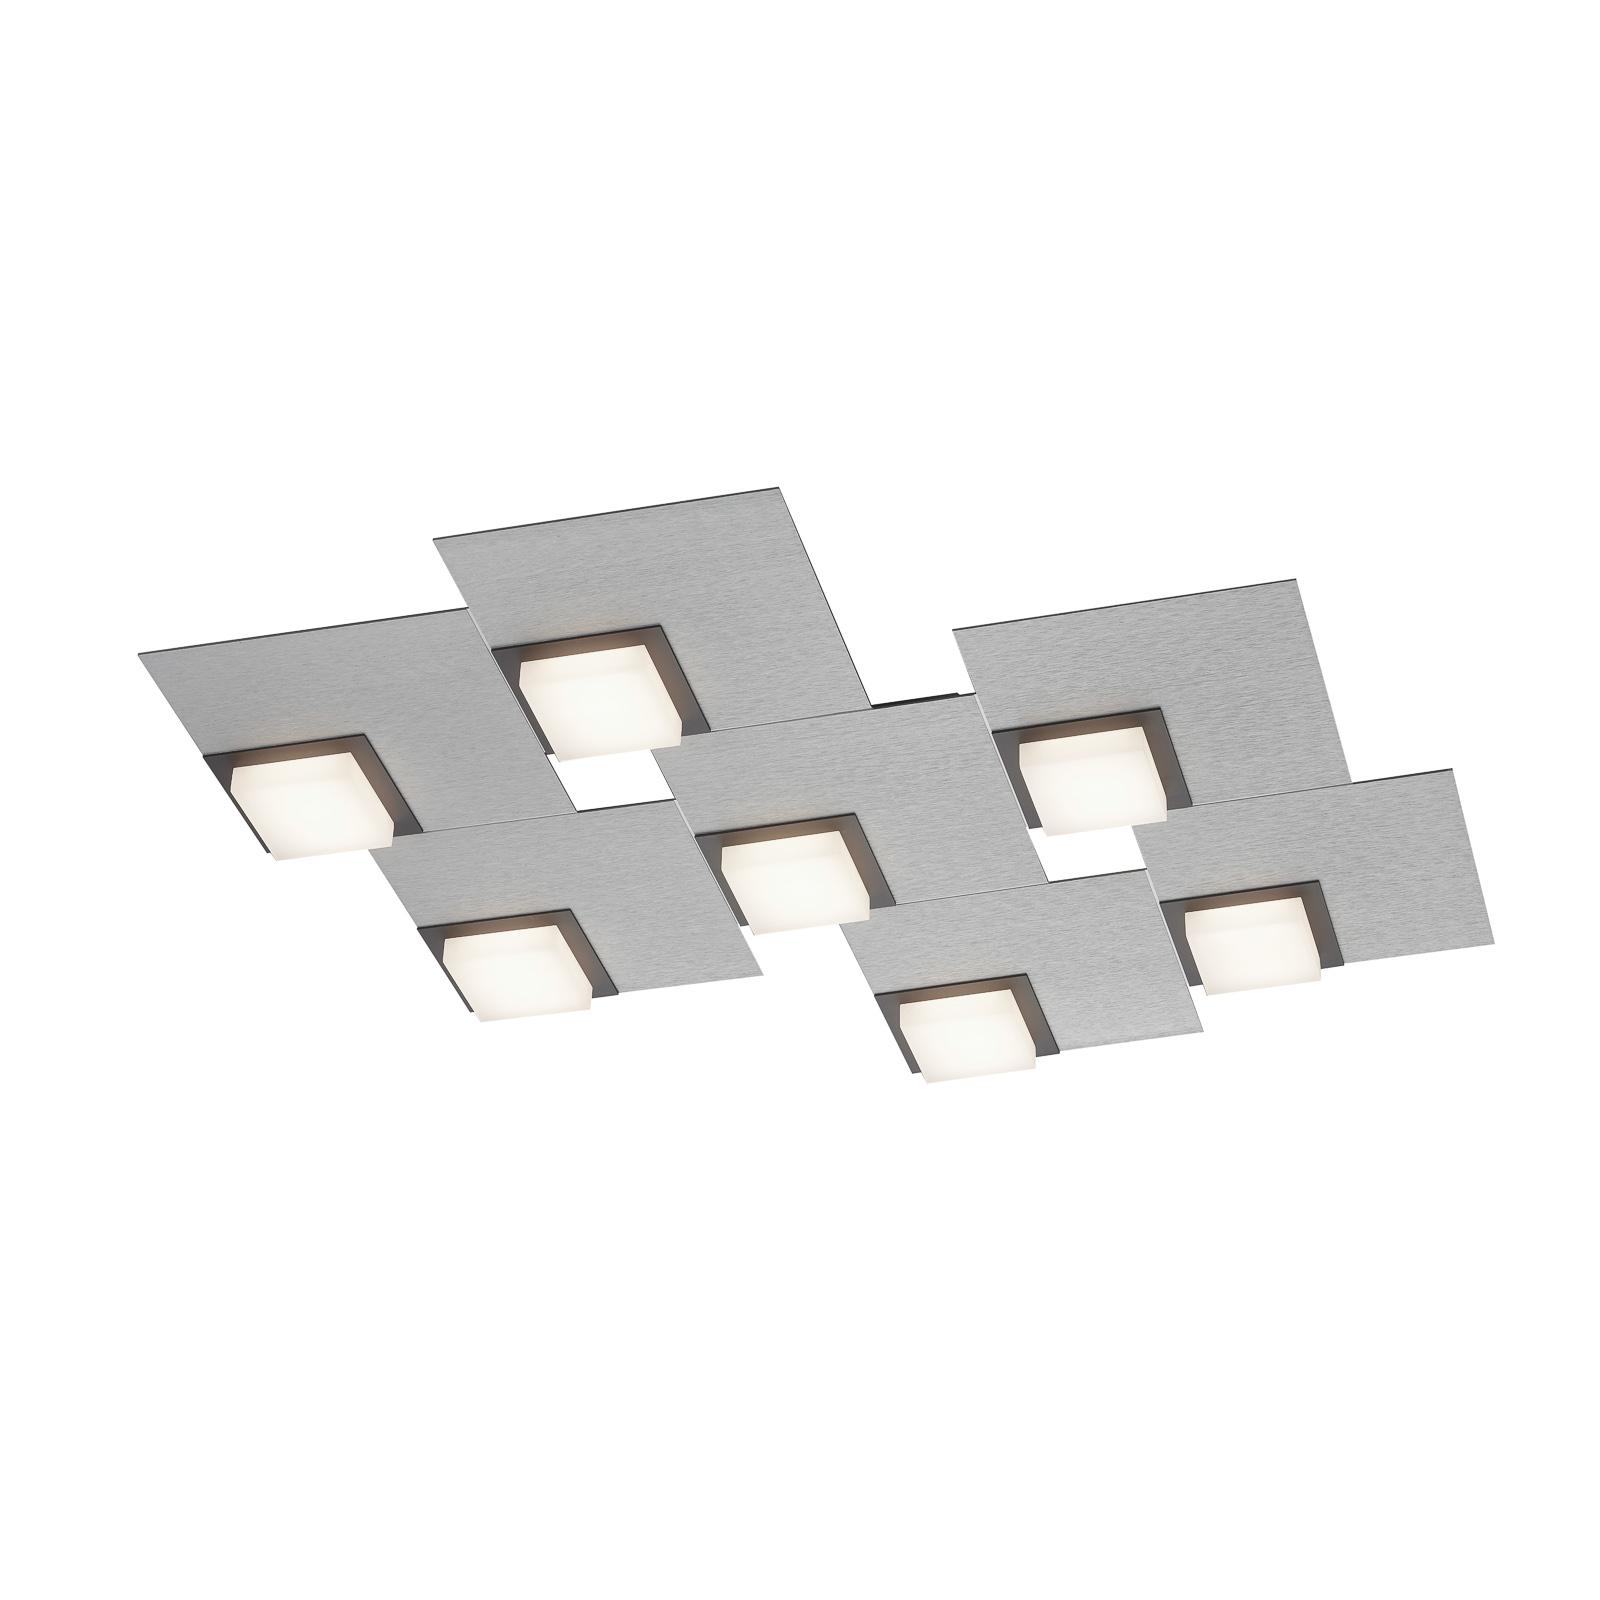 BANKAMP Quadro plafonnier LED 64W, argenté